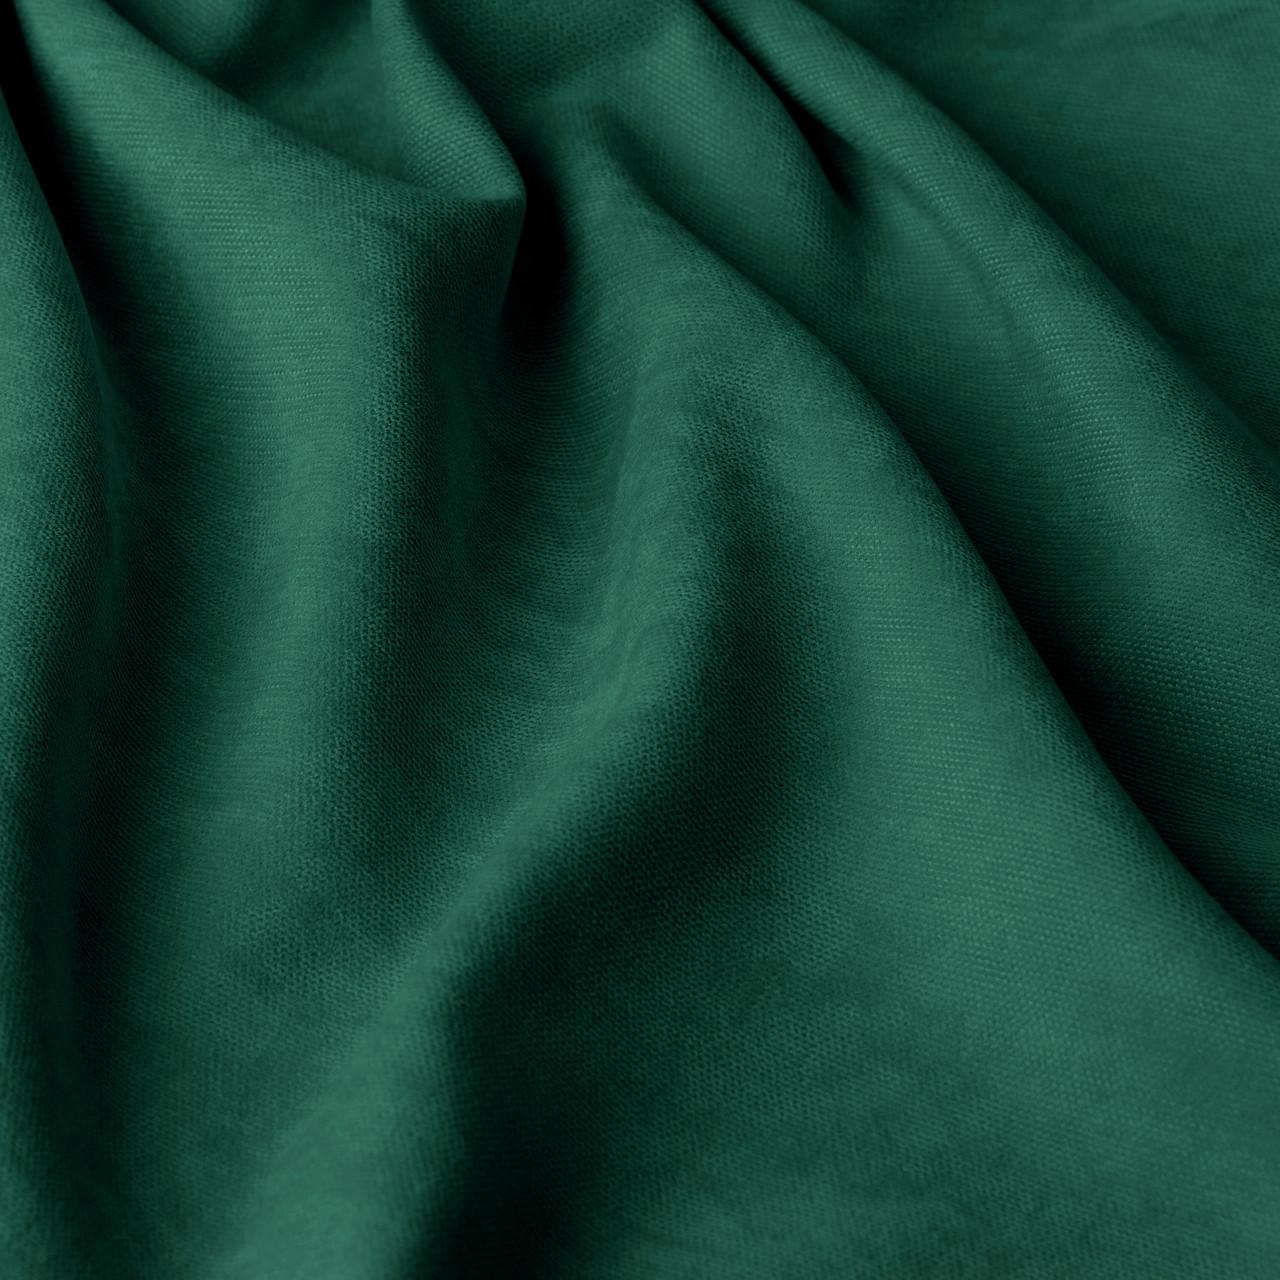 Однотонная декоративная ткань велюр зеленого цвета Турция 84440v50